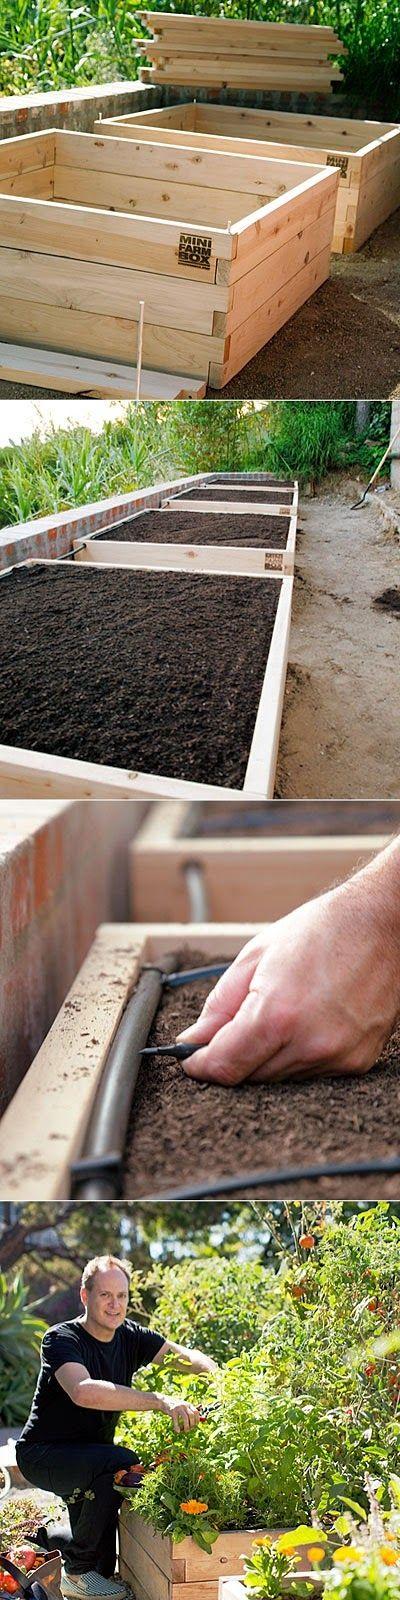 http://alternative-energy-gardning.blogspot.cz/2013/06/raised-bed-vegetable-garden.html